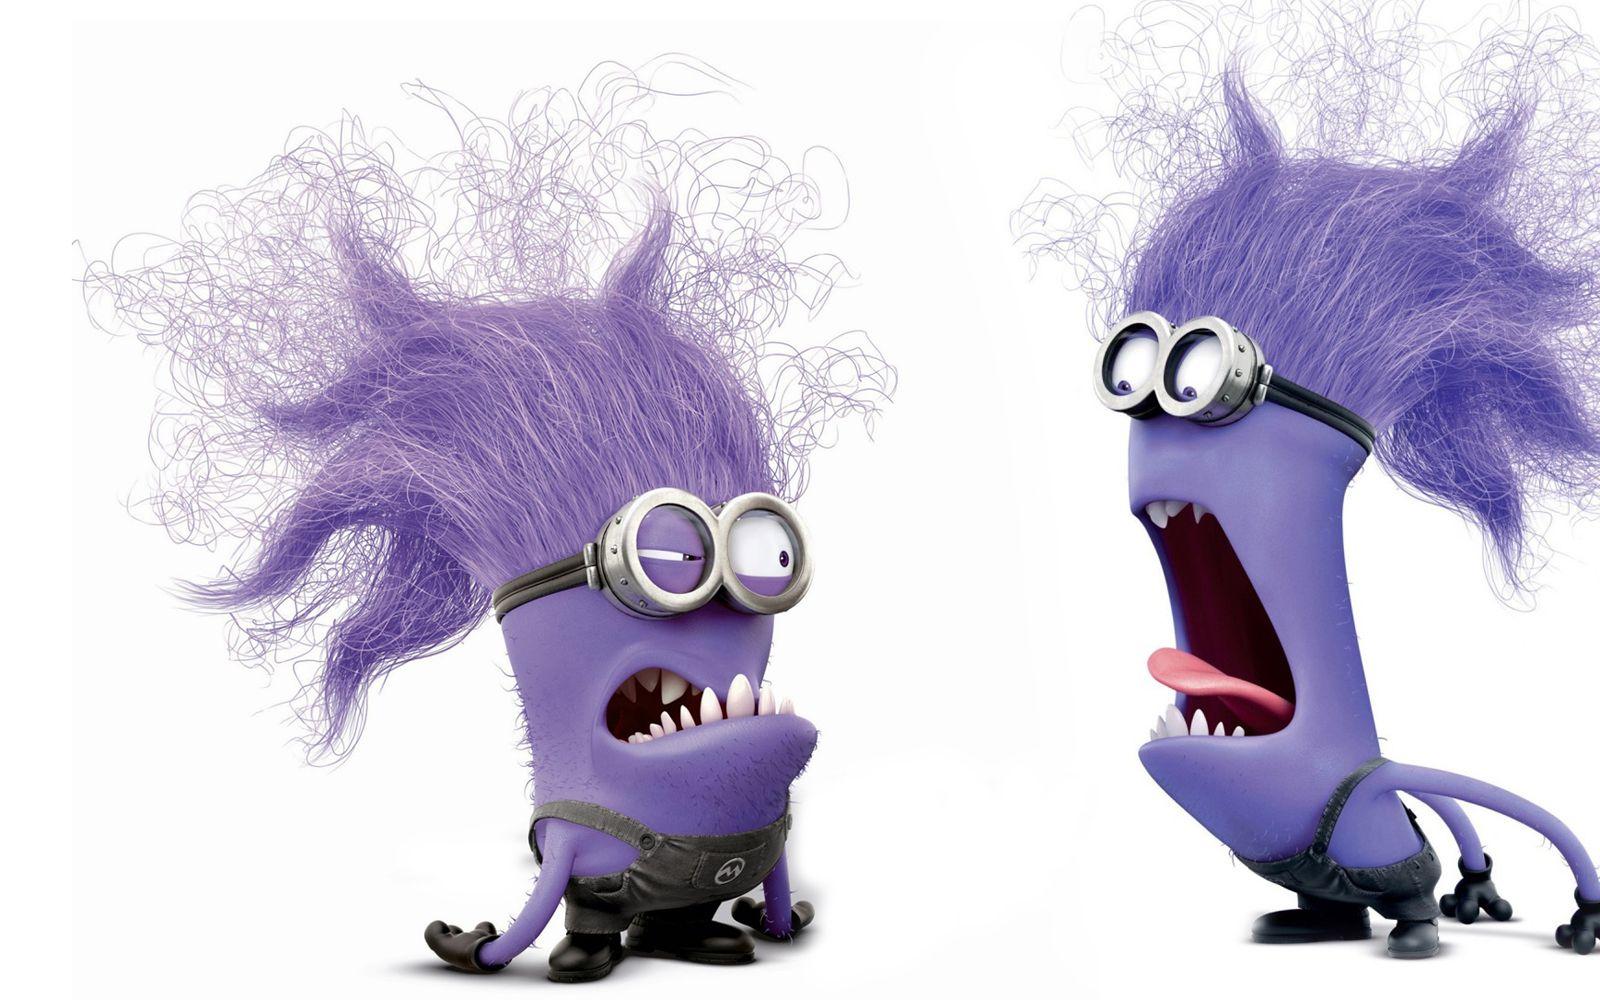 музыки злой фиолетовый миньон картинка оранжереи открыты